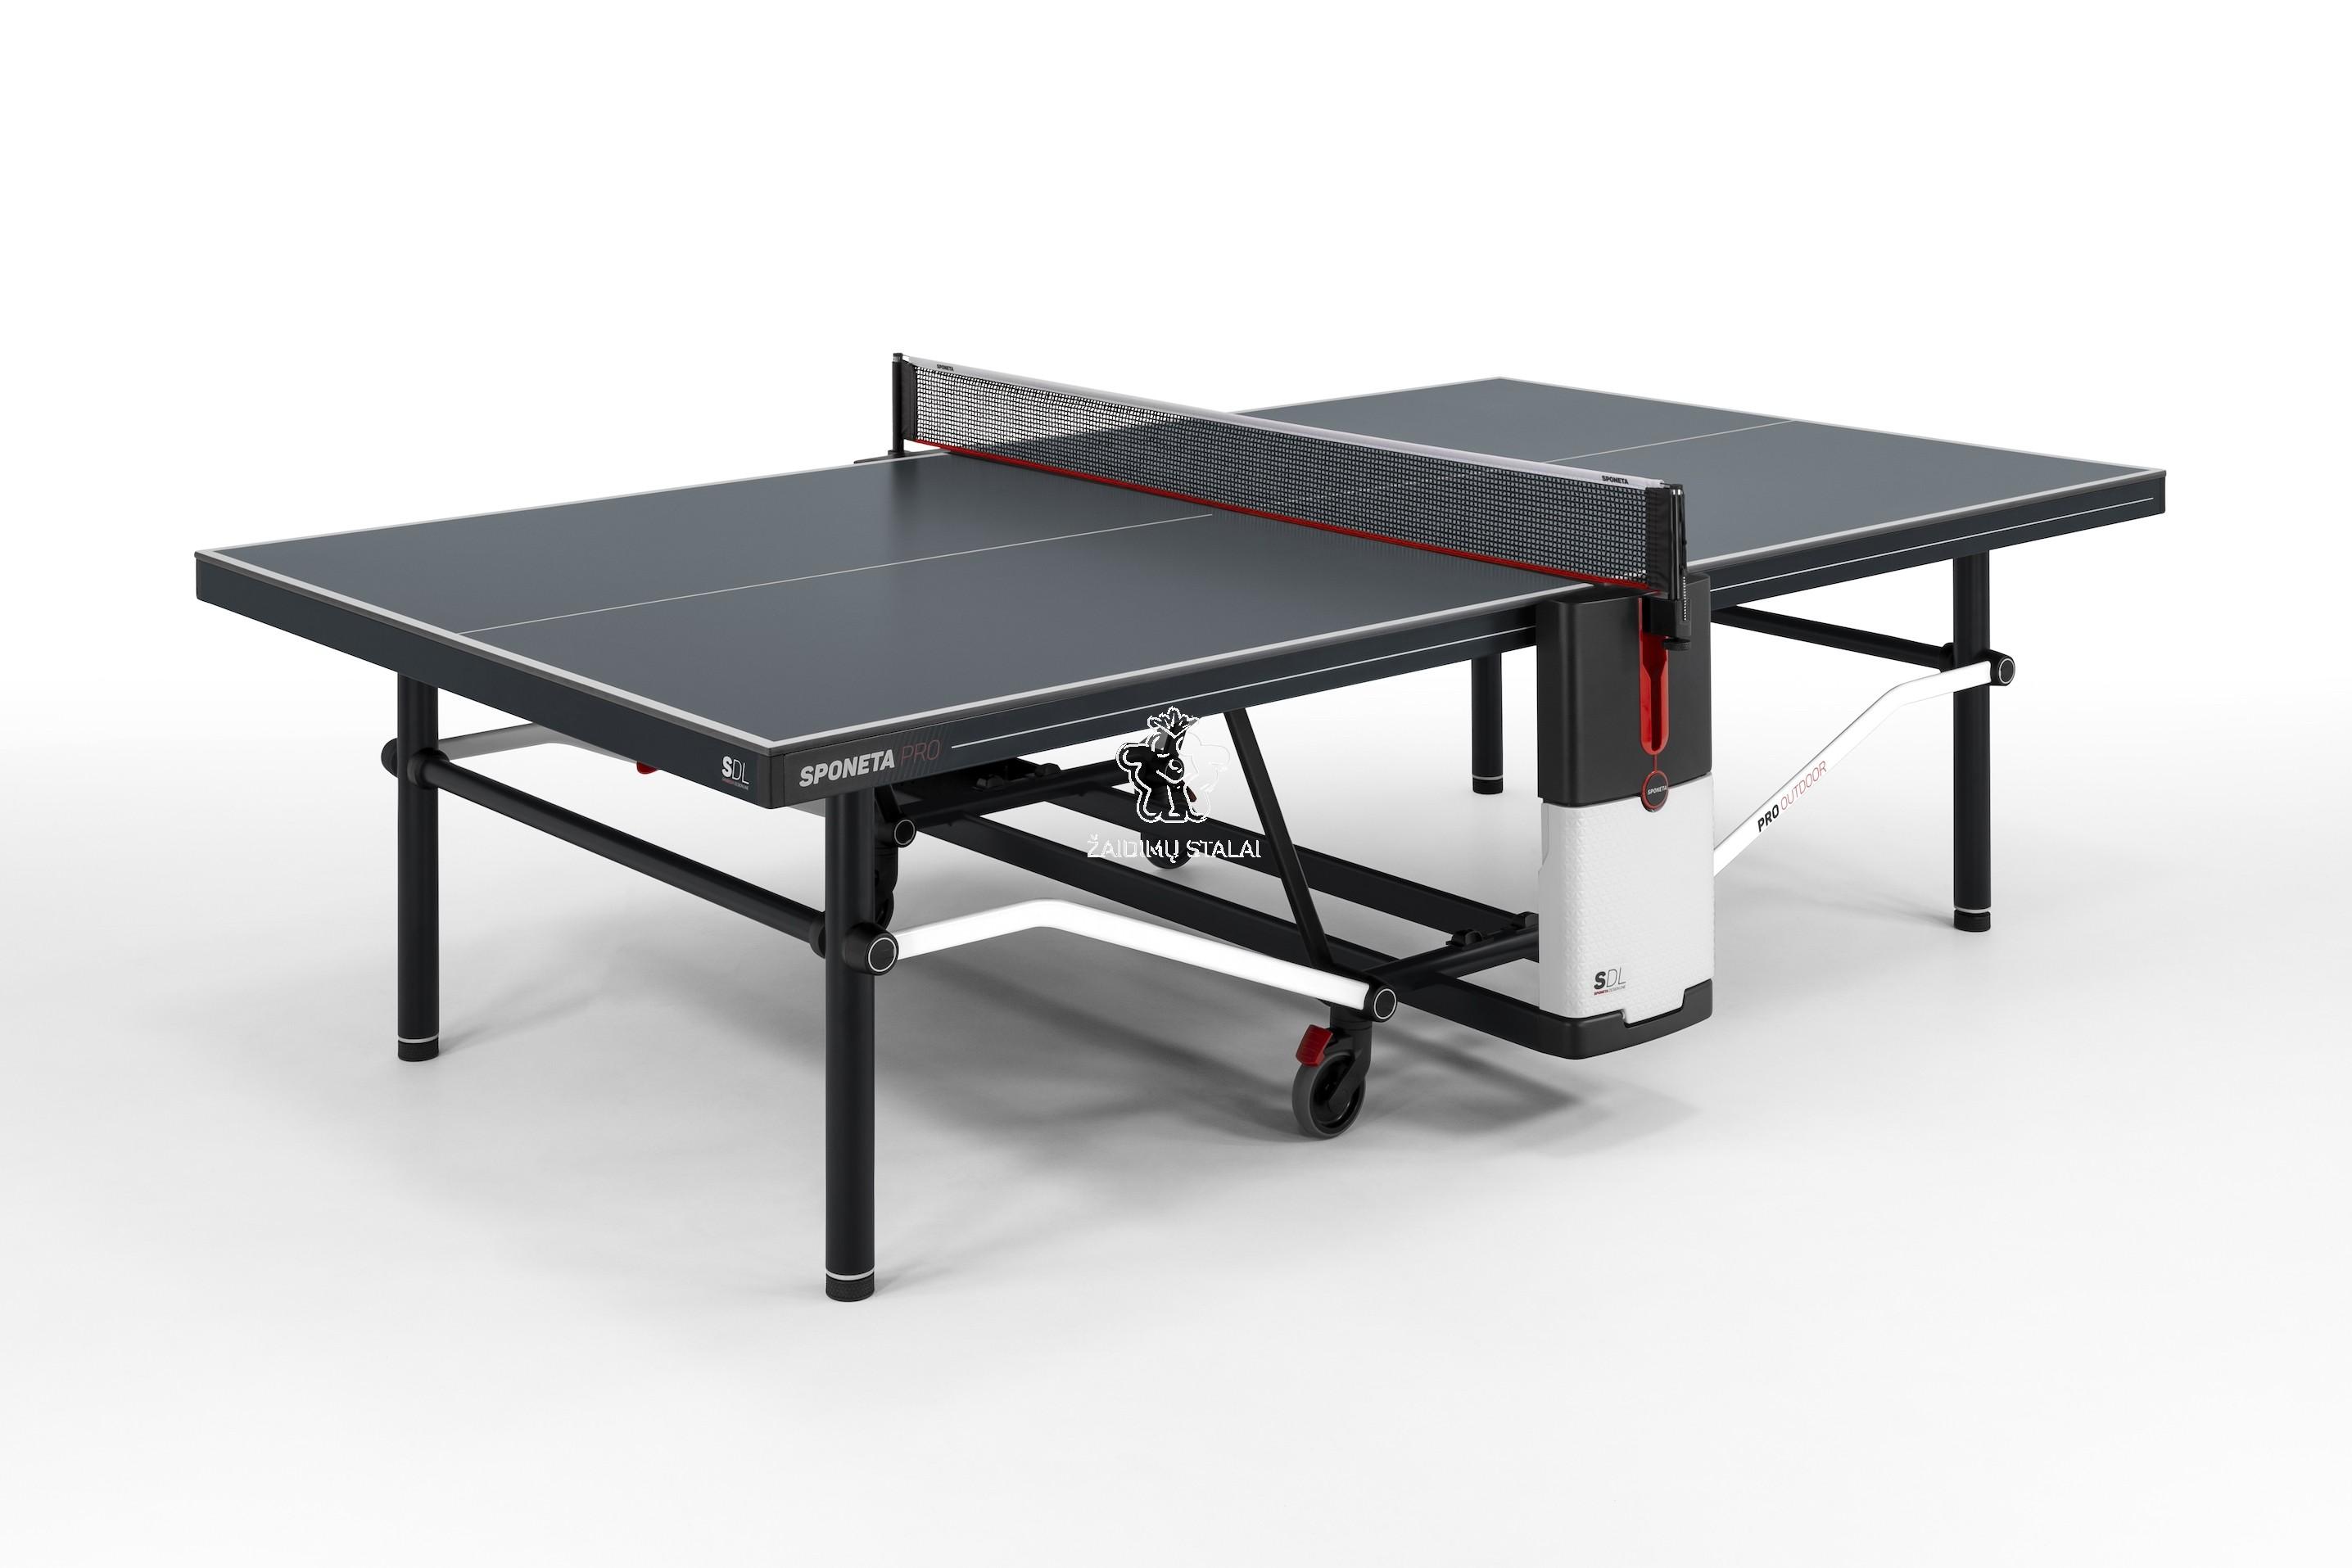 Stalo teniso stalas Sponeta Design Line PRO OUTDOOR